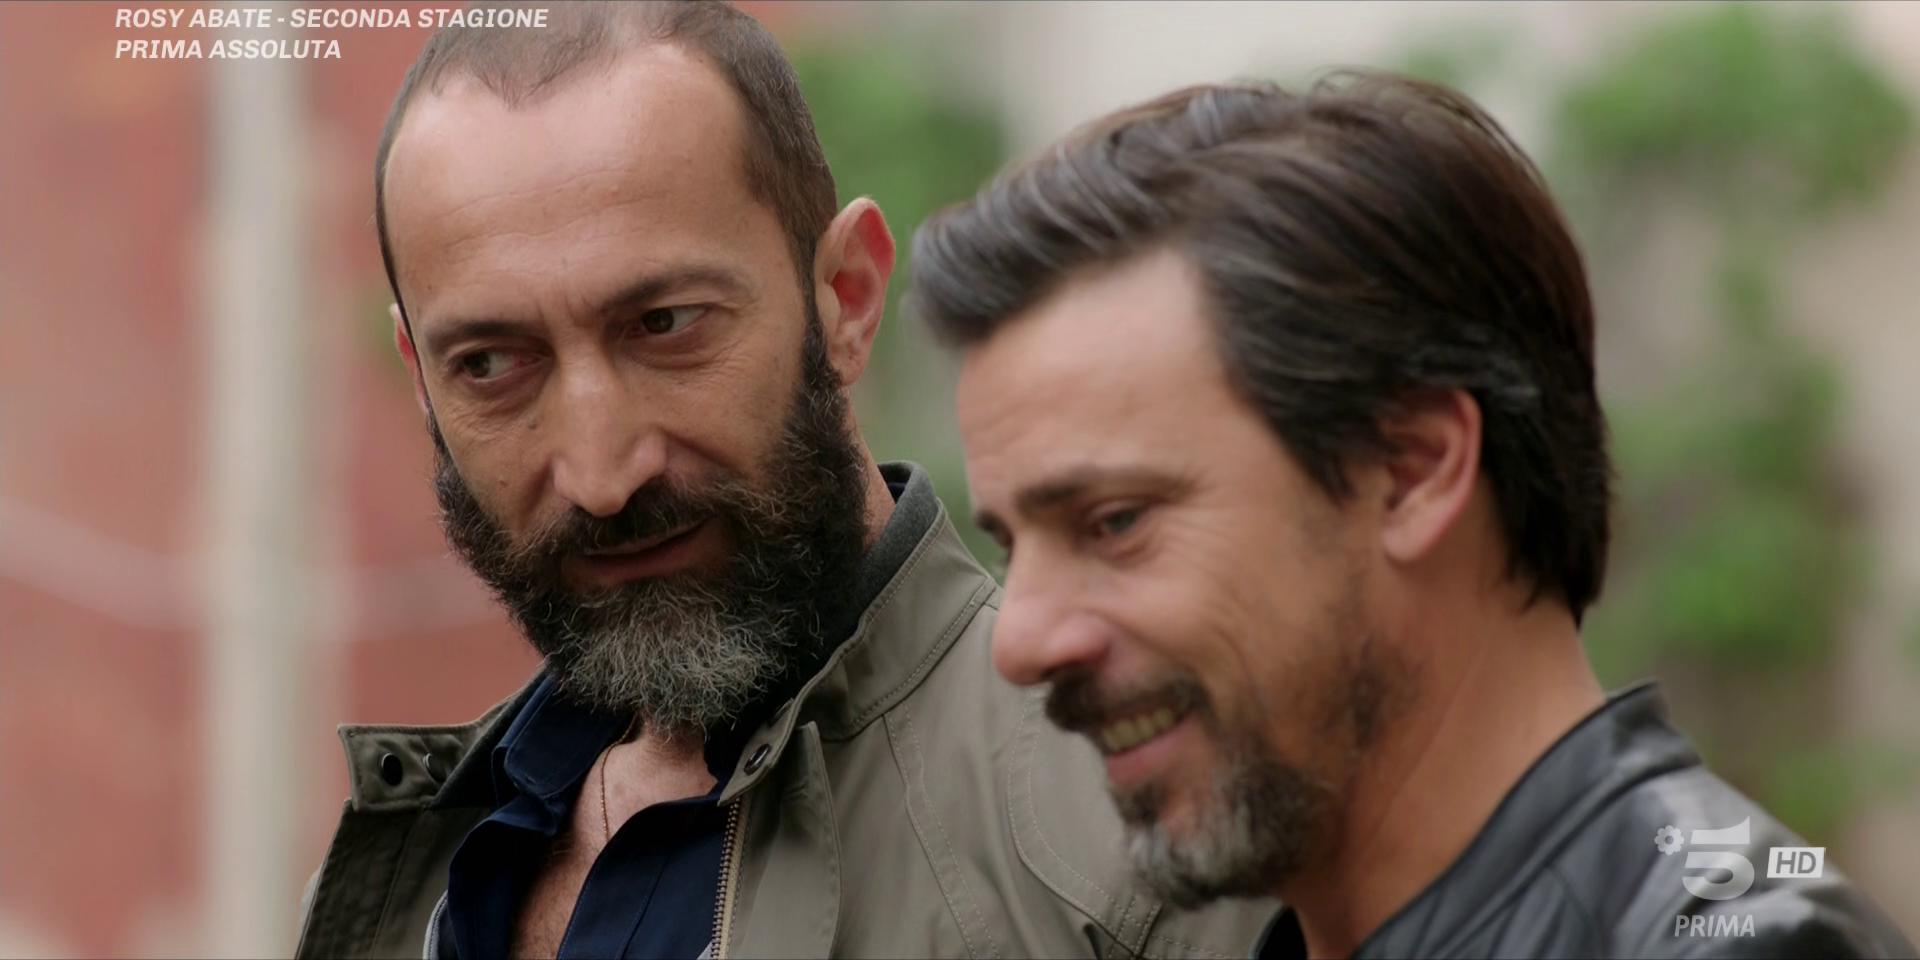 Rosy Abate - La serie - Stagione 2 (2019) (Completa) HDTV 1080P HEVC ITA AC3 x265 mkv